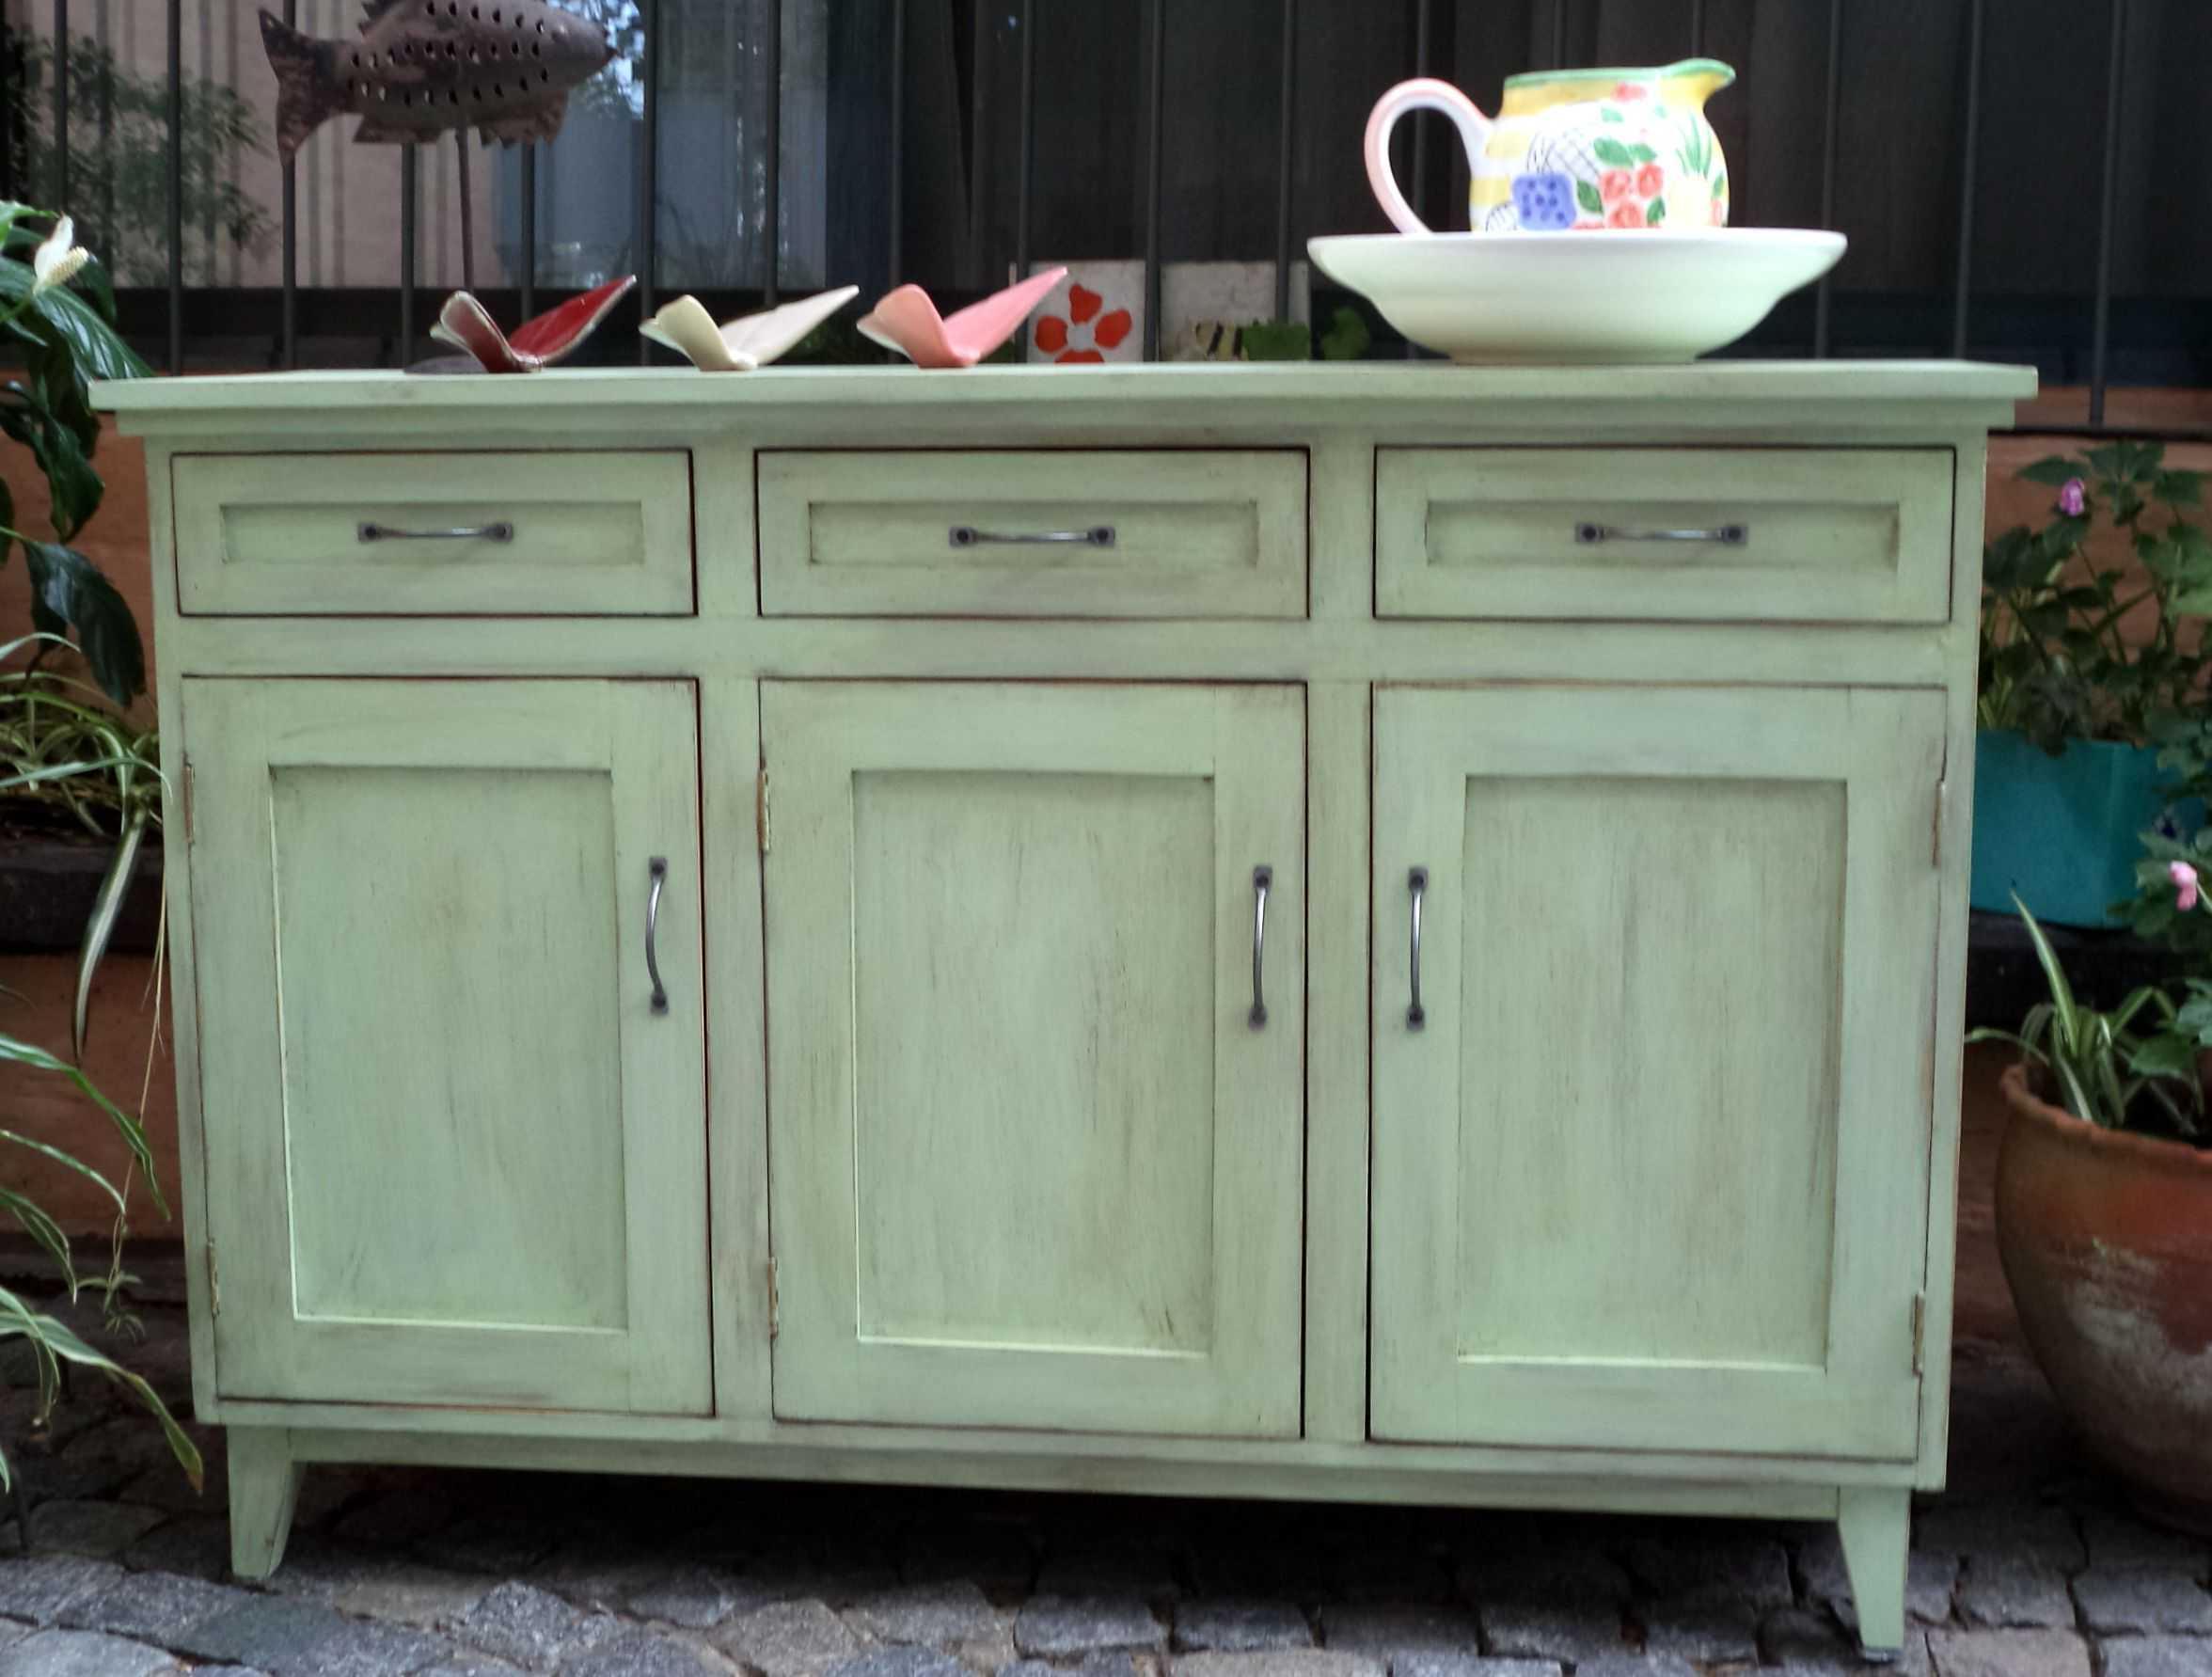 Plantillas Para Decorar Muebles Tldn Plantillas Para Pintar Muebles Pintar Muebles Antiguos En Blanco